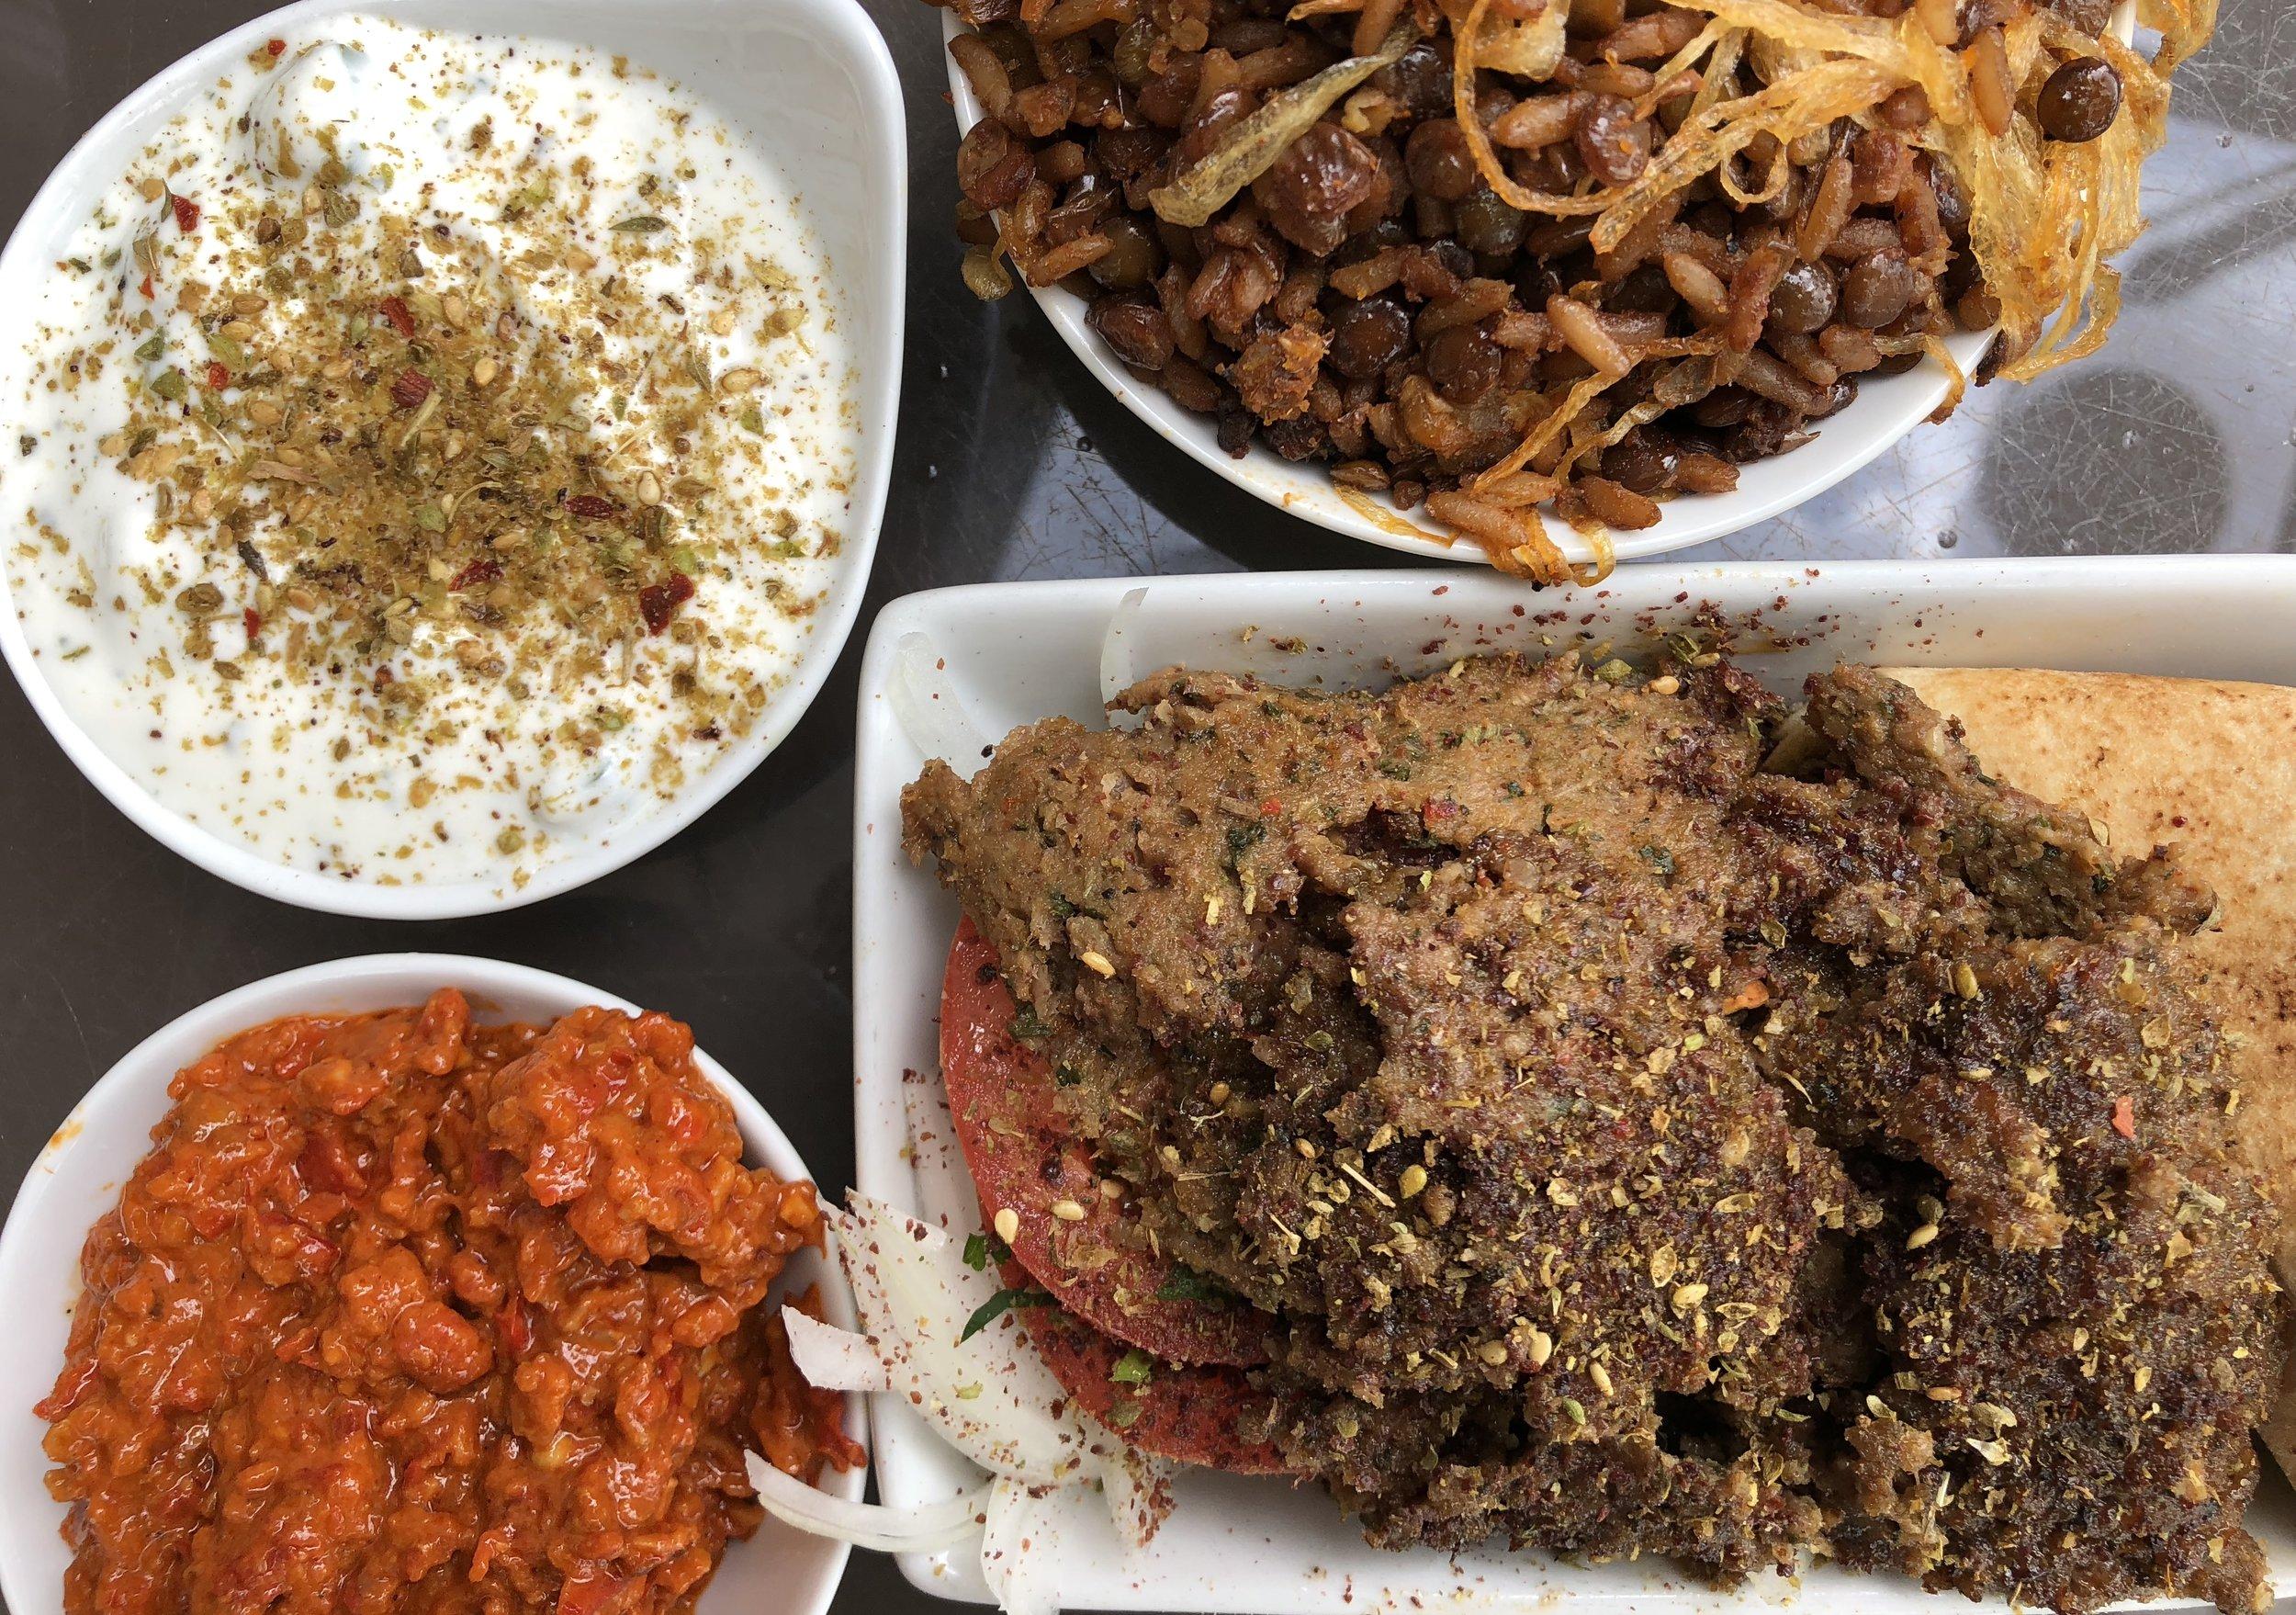 Arpi's Deli: Shawarma platter with lentils, eggplant dip and yogurt. Delicious!